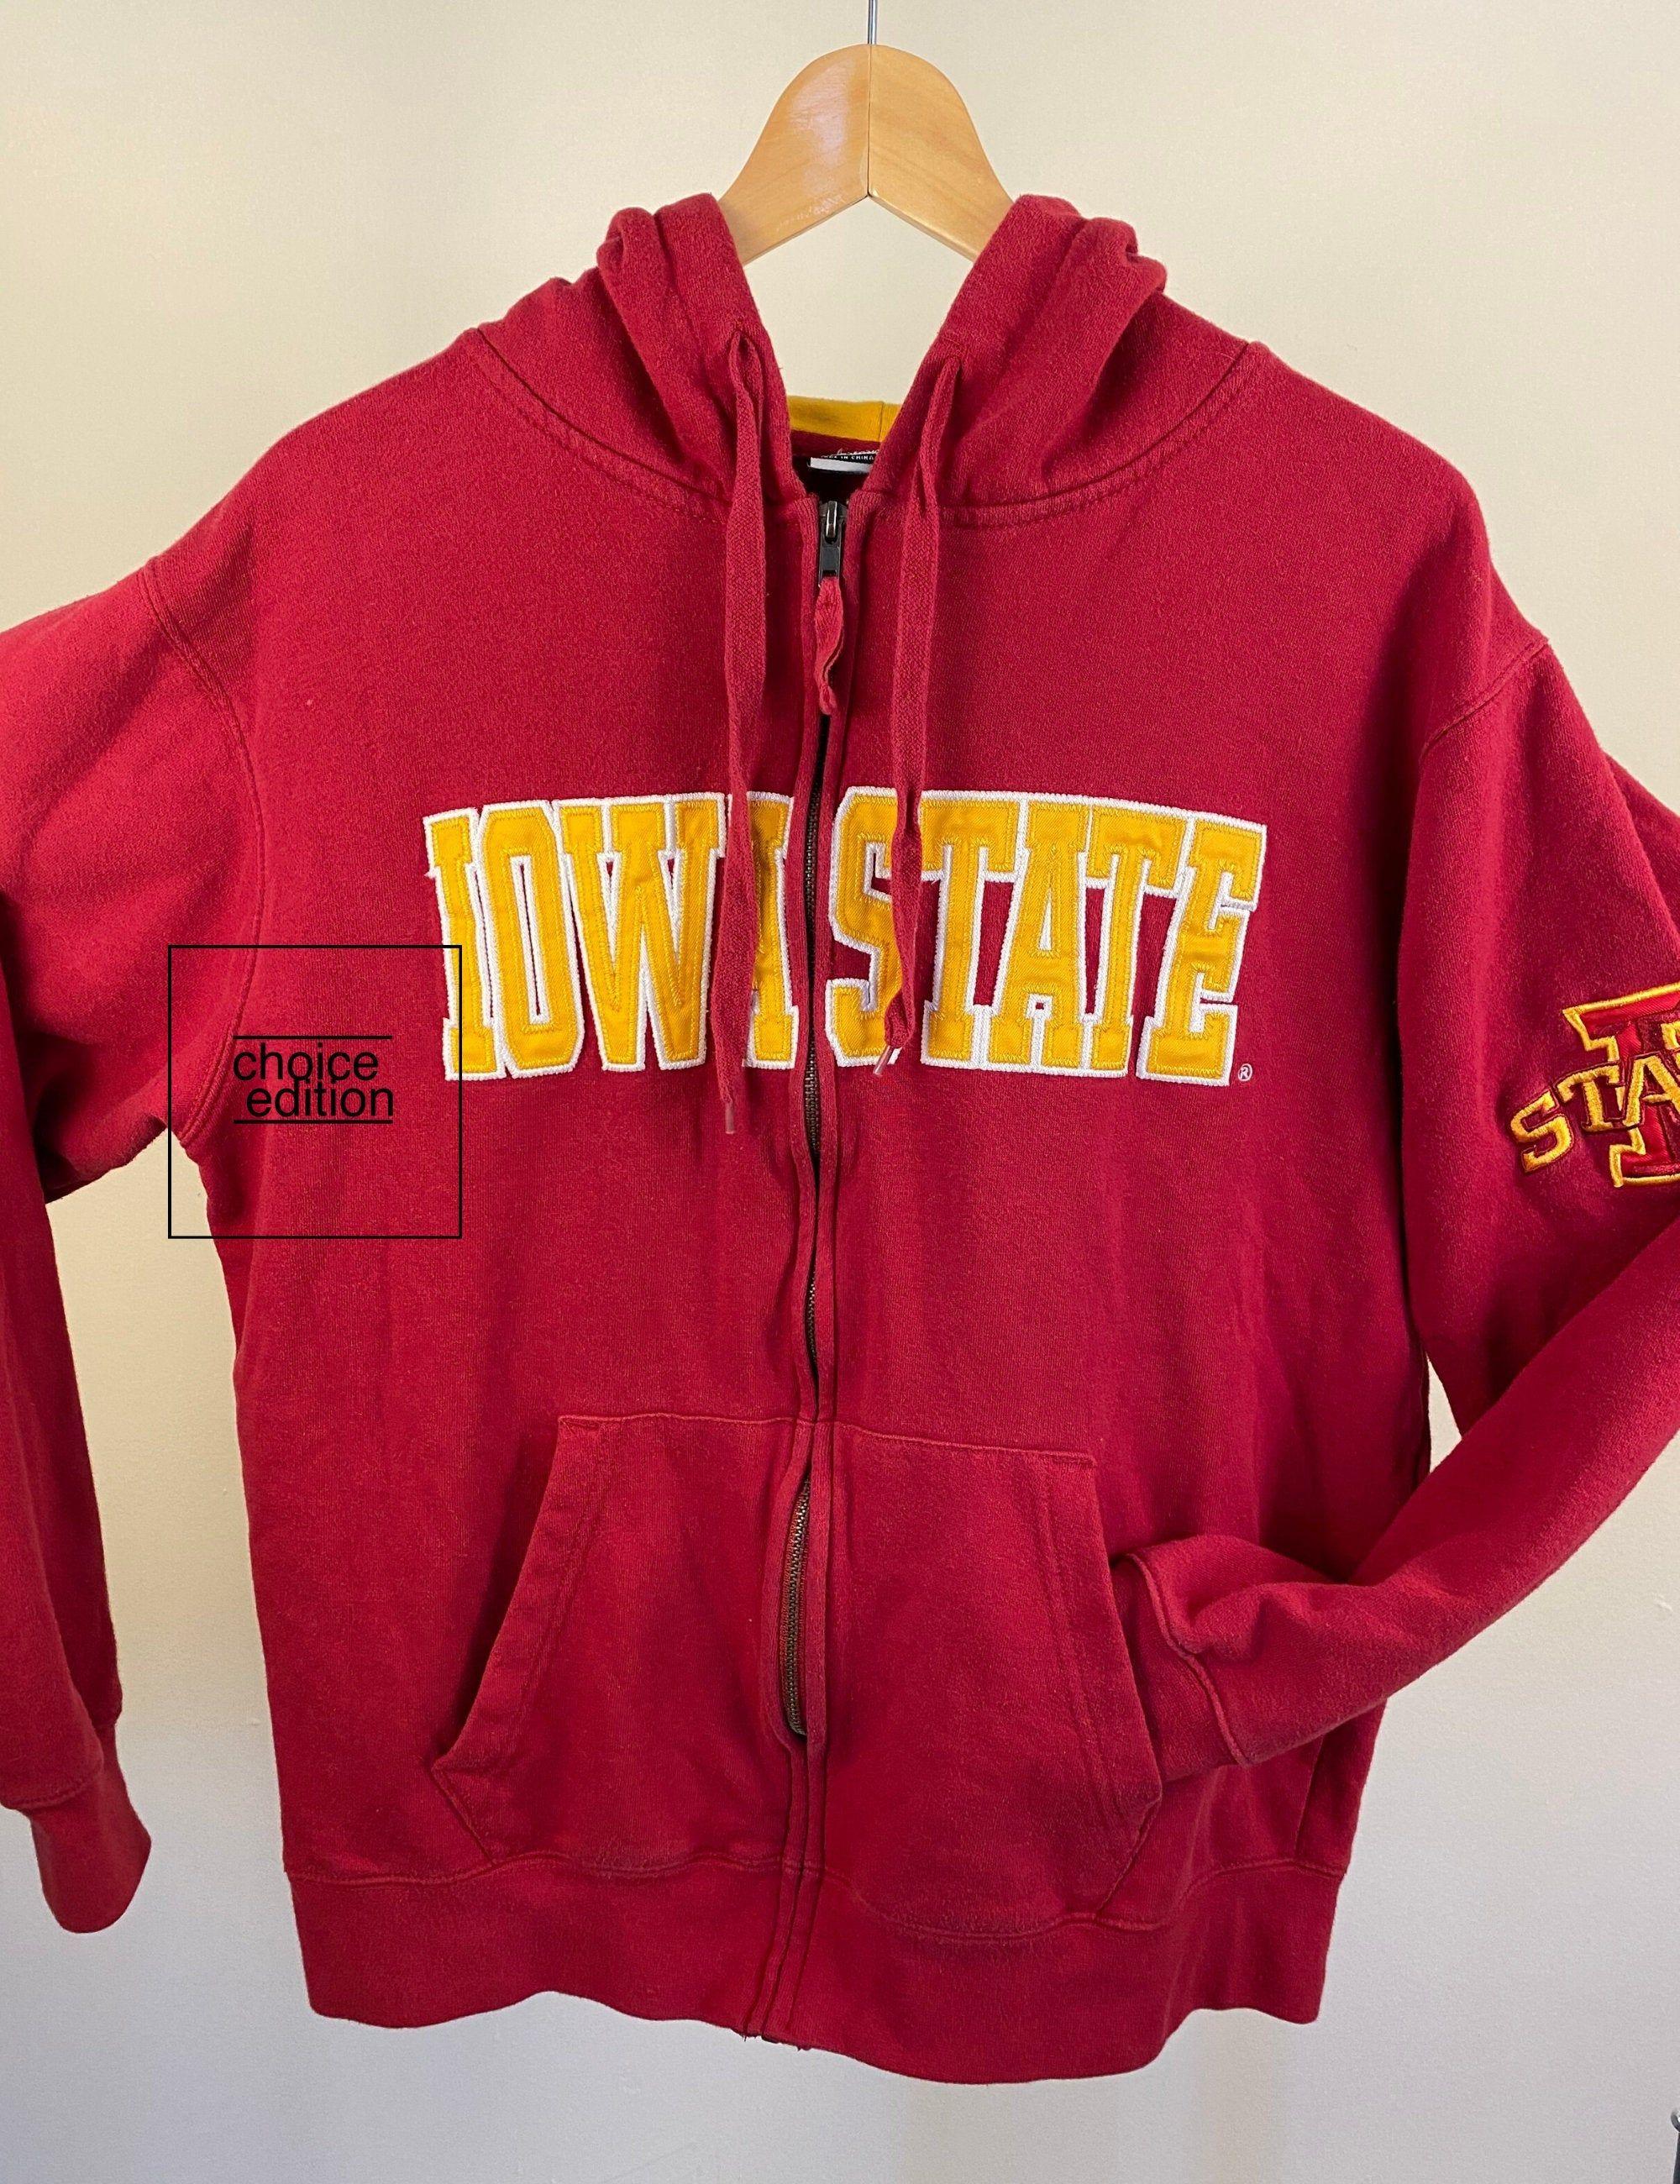 Vintage Red College Sweatshirt Iowa State University Logo Etsy College Sweatshirt University Logo Red College [ 2600 x 2000 Pixel ]